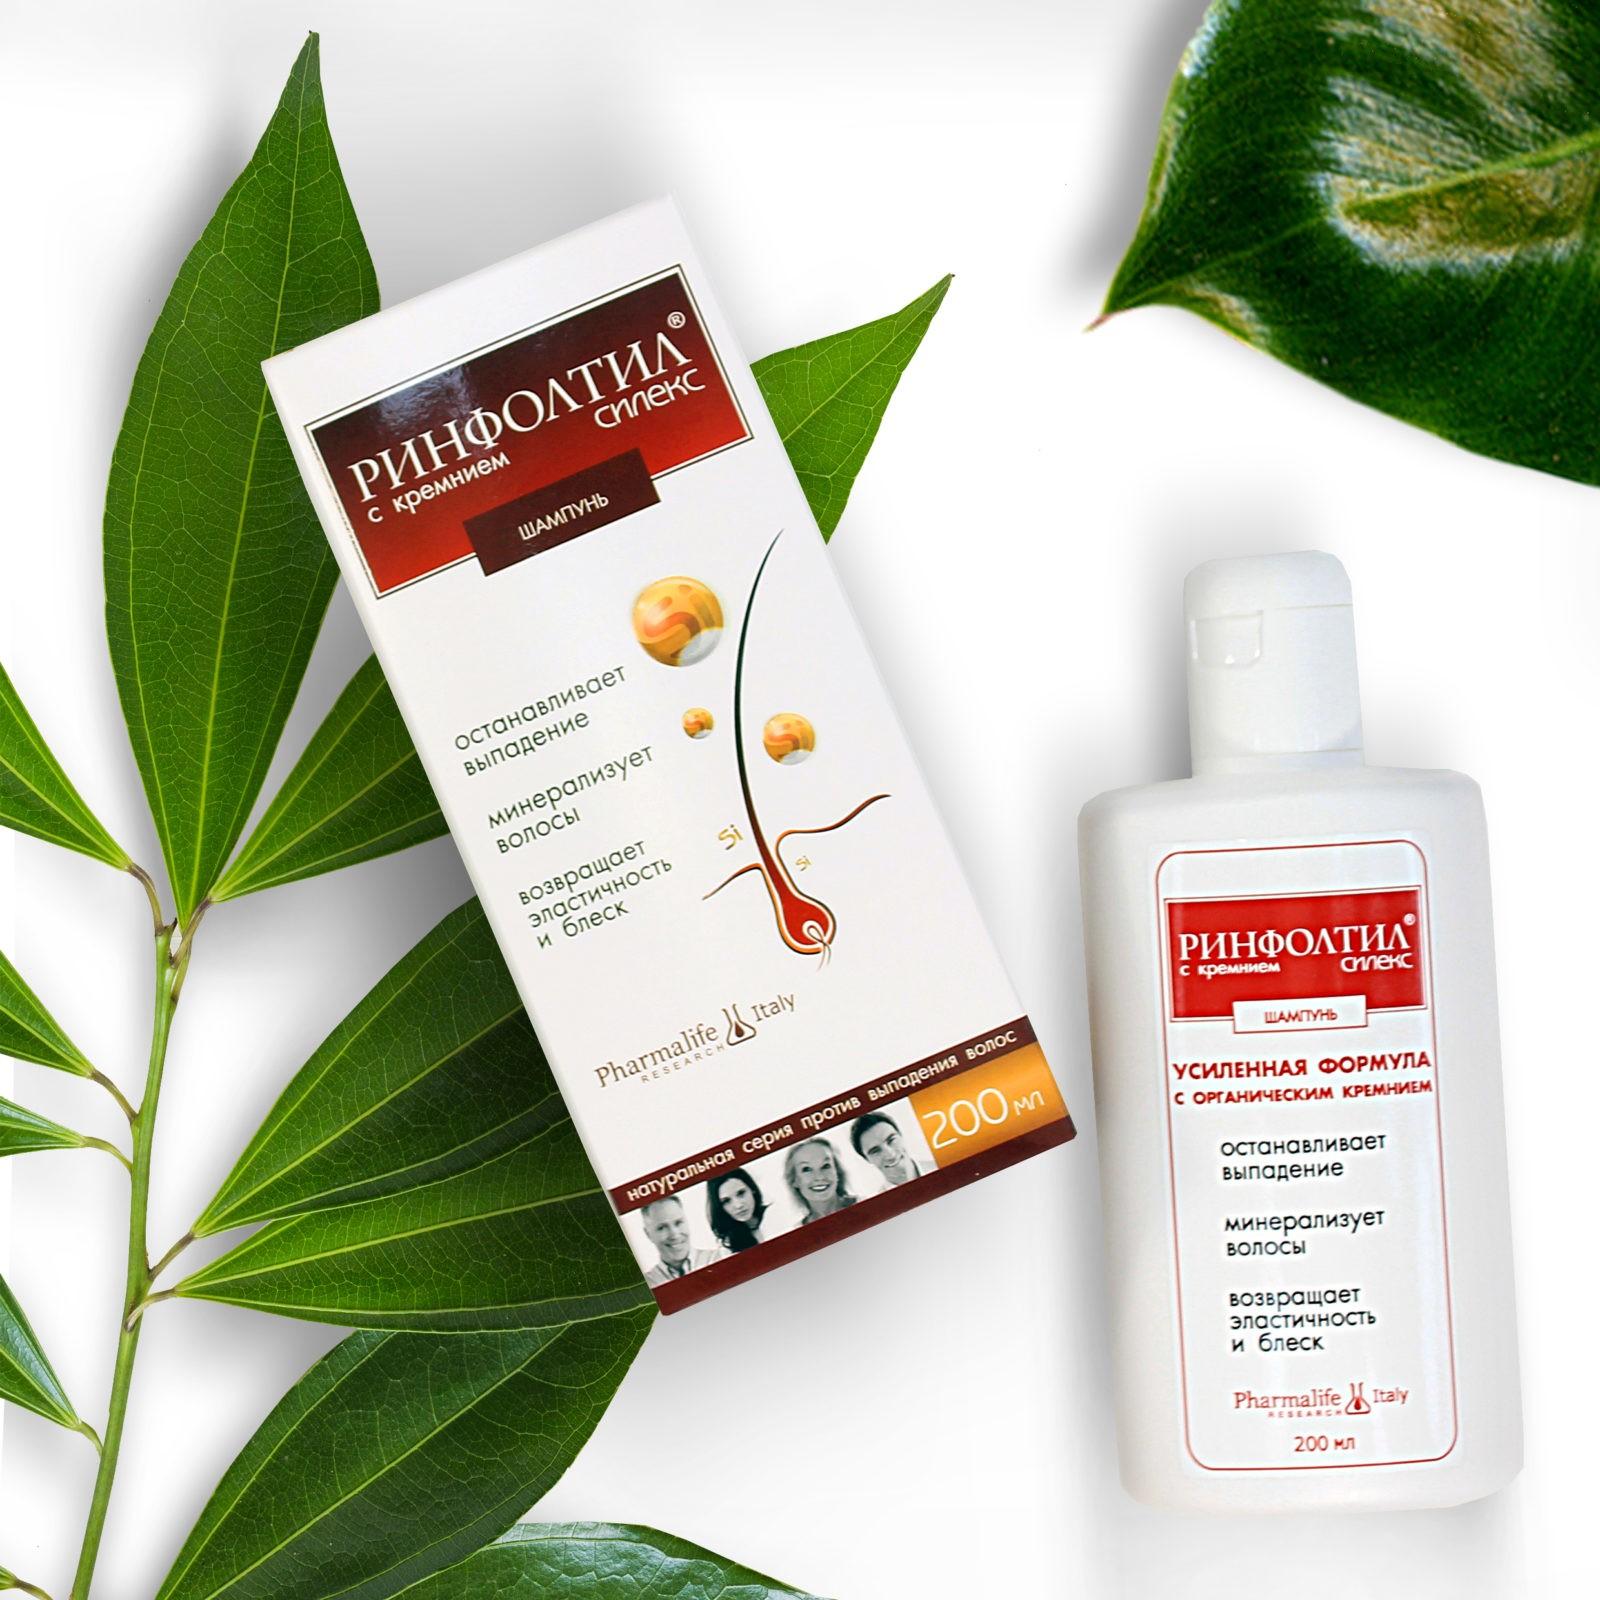 Шампунь Ринфолтил Силекс с органическим кремнием усиленная формула от выпадения и для роста волос